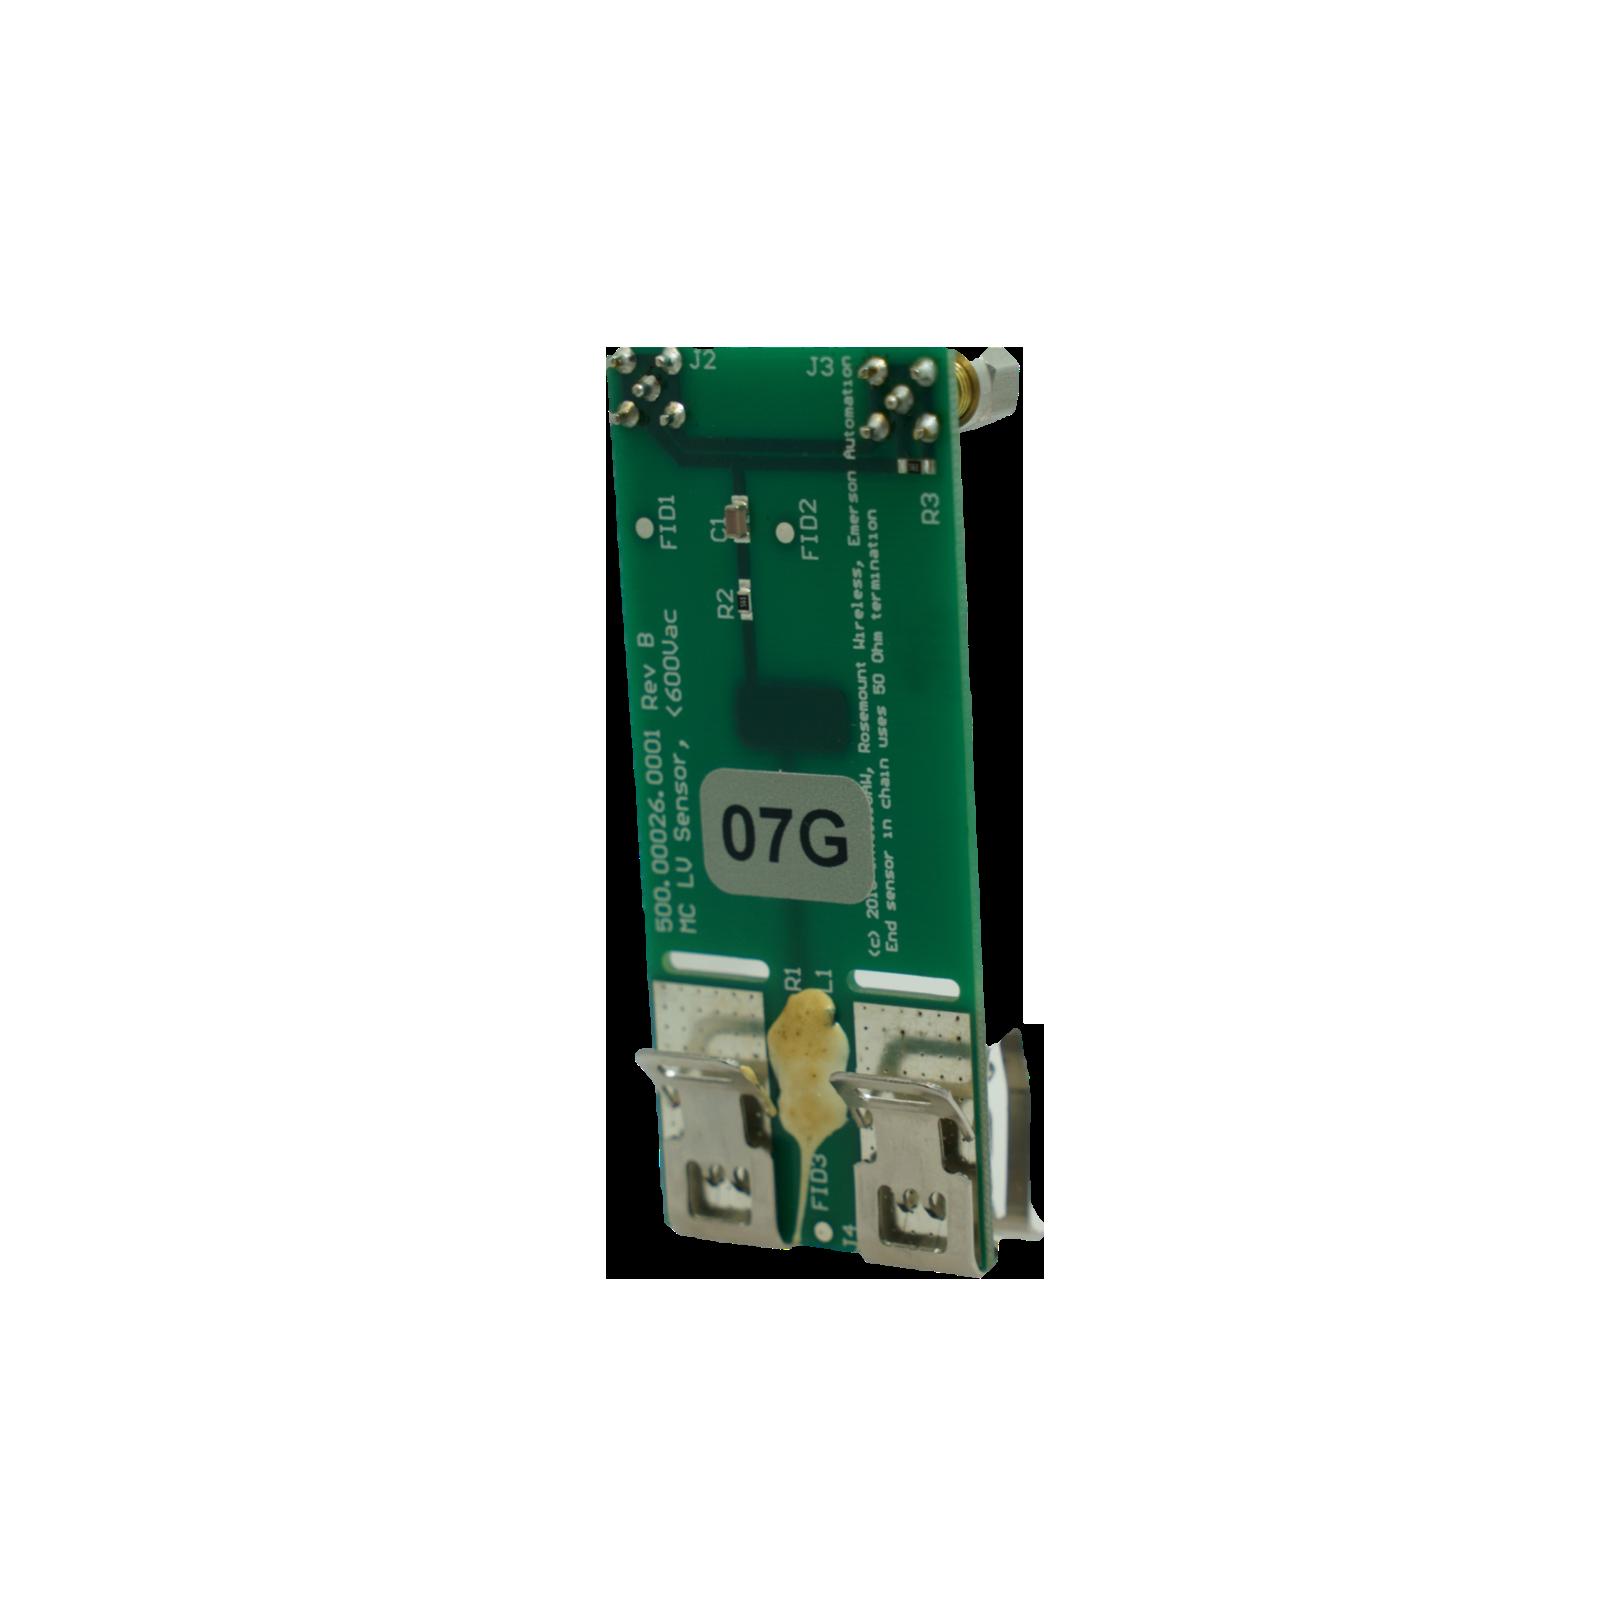 CC Temperature Sensors|LV (Low Voltage) applications (iNFC™)